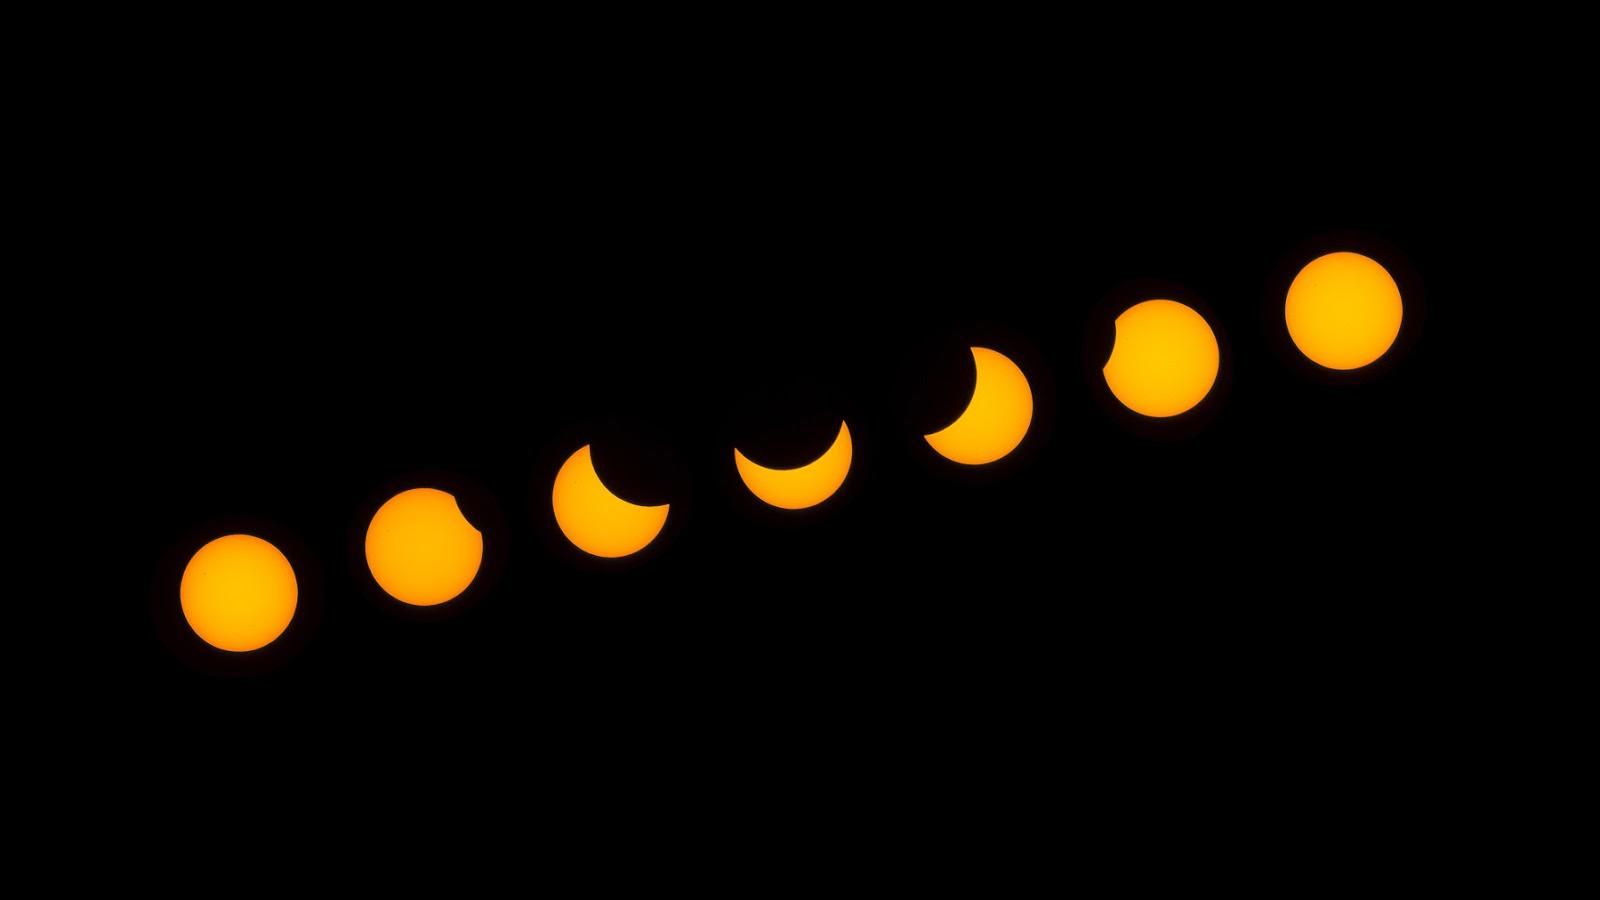 A 2015 március 20-i napfogyatkozás fázisai egy kollázson